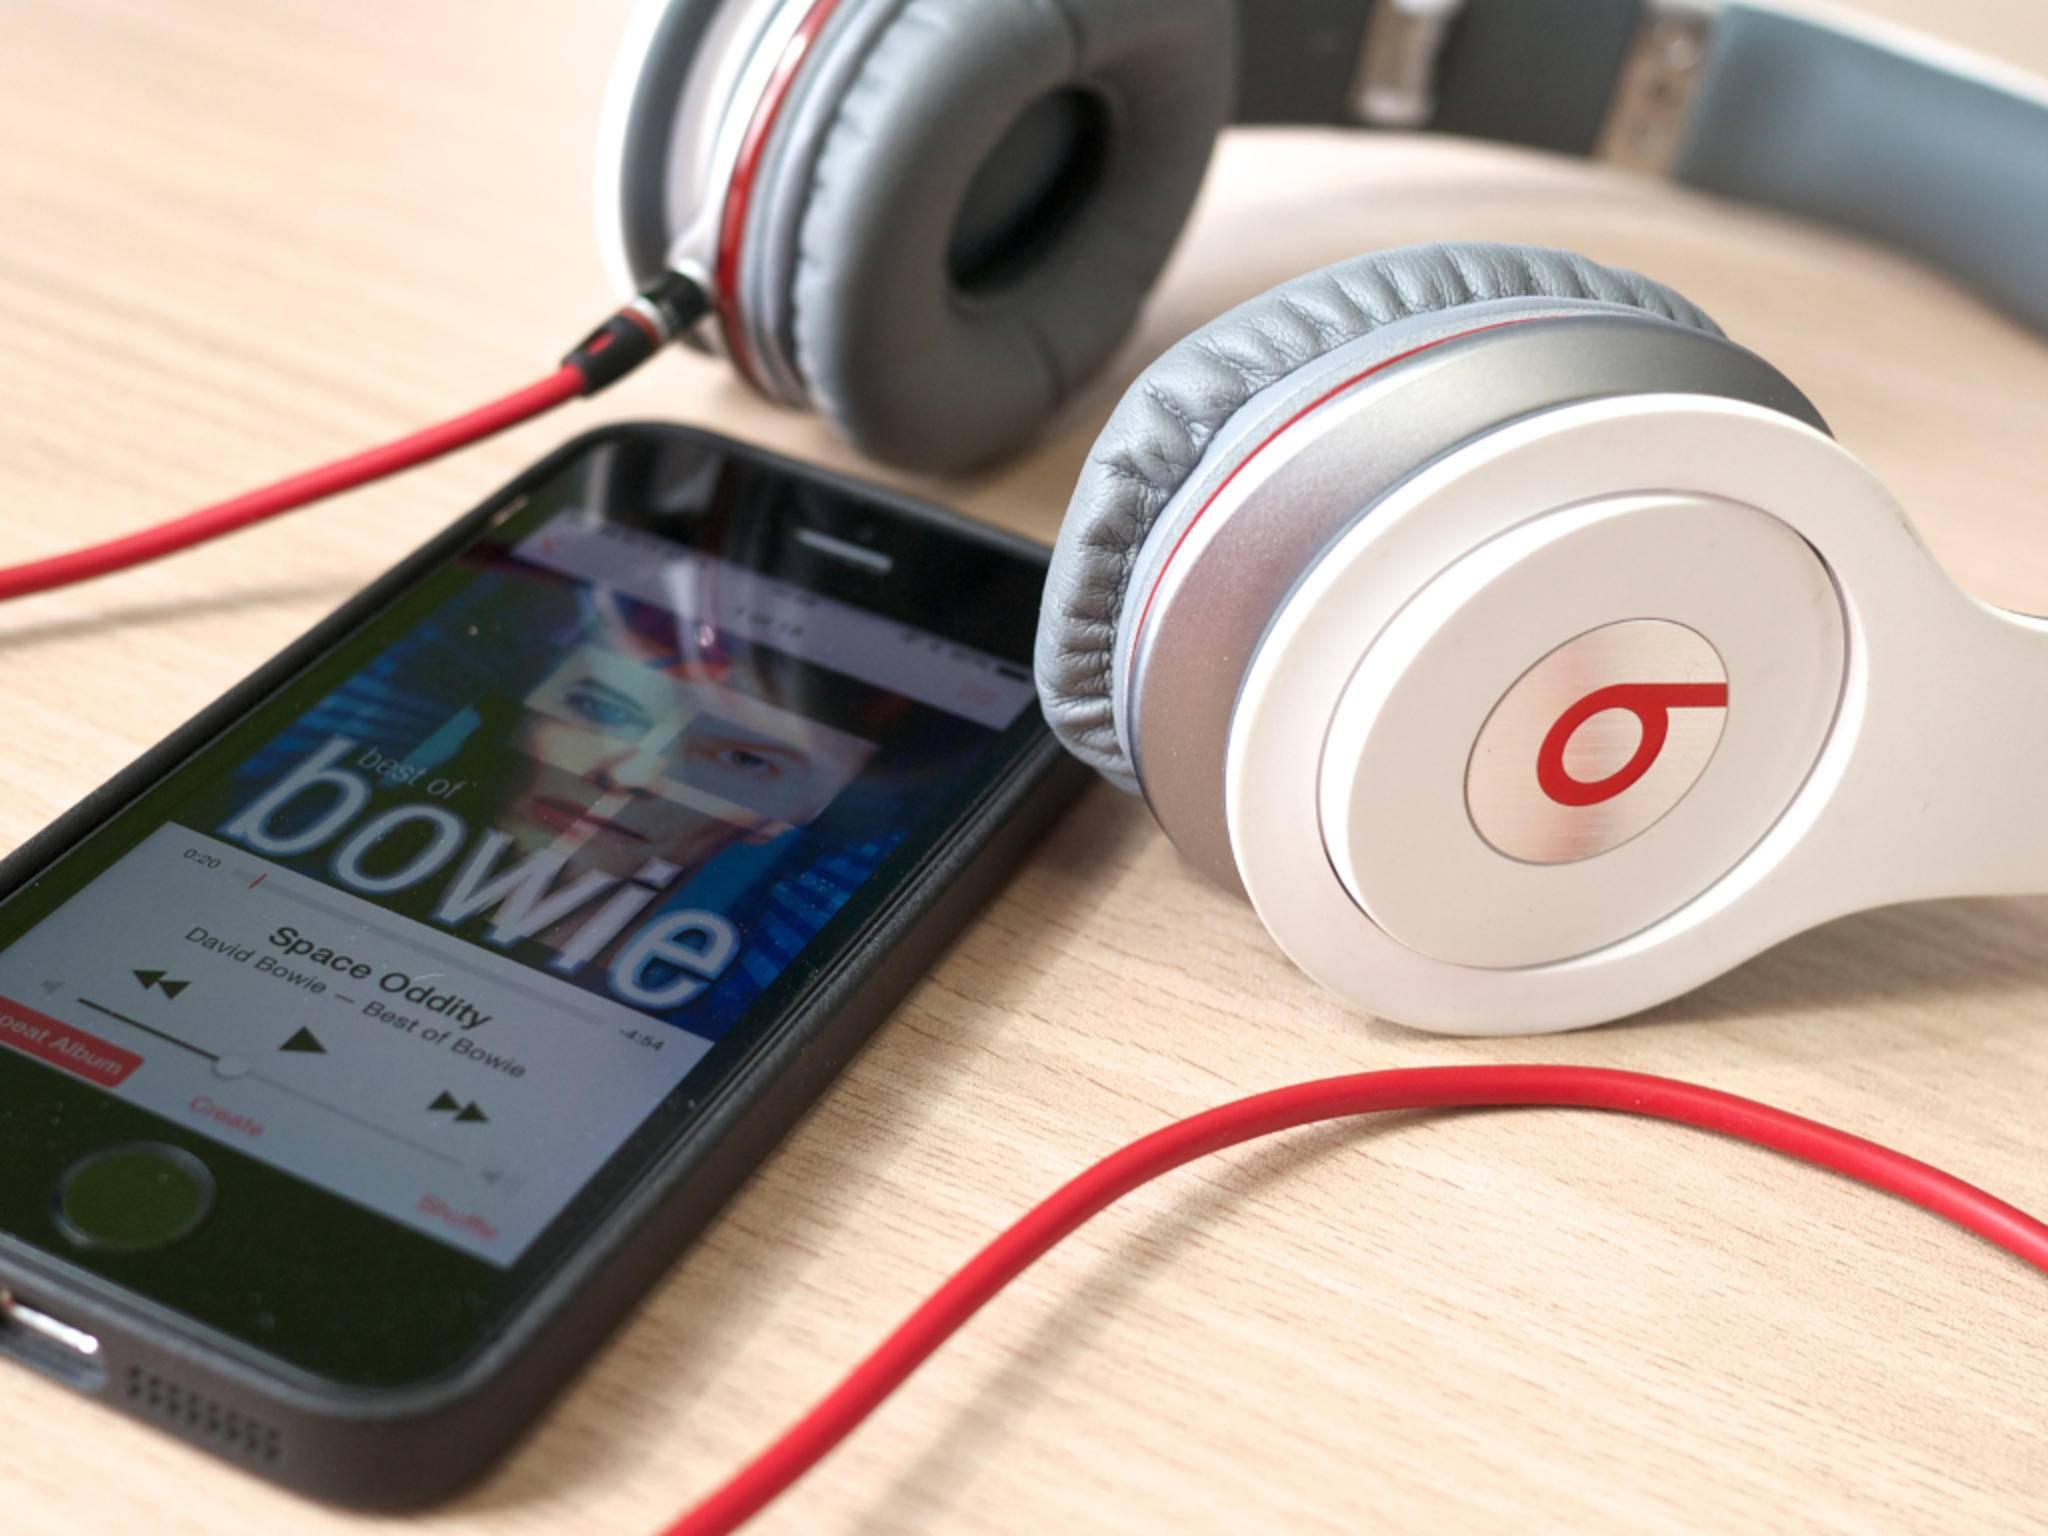 Apple könnte den Streaming-Dienst Beats Music 2015 direkt in iOS integrieren.